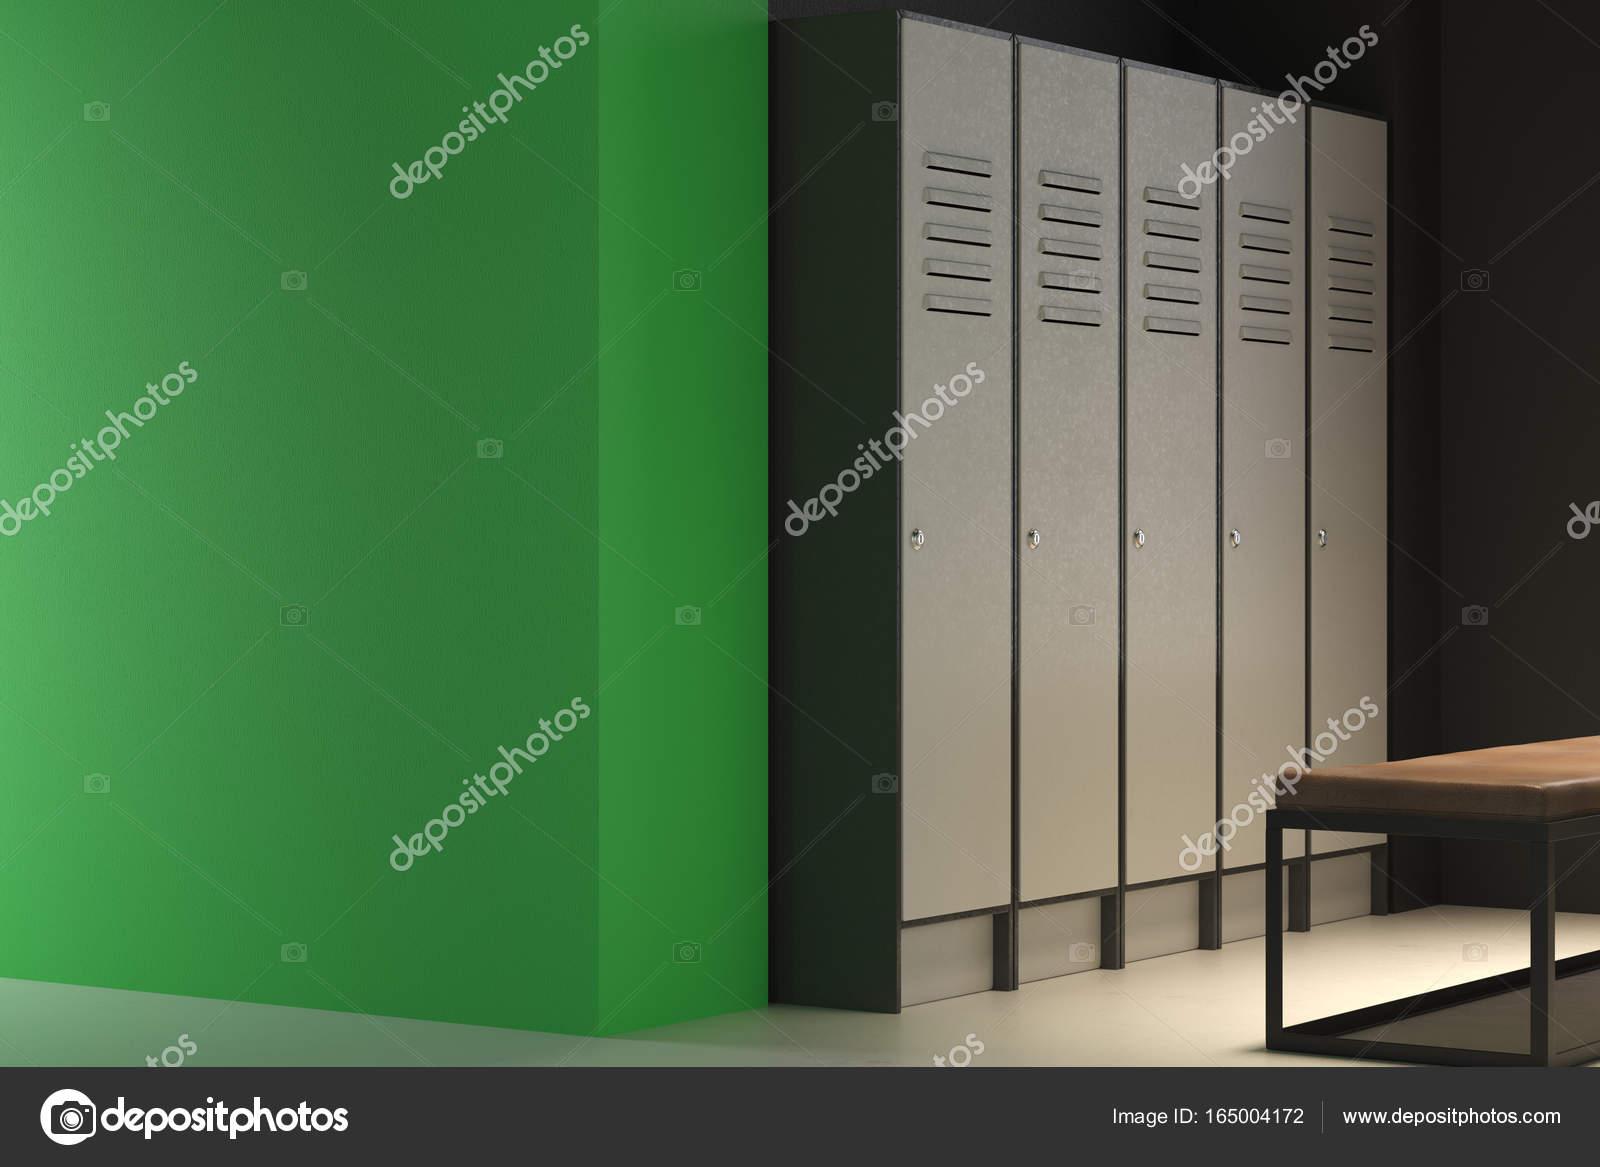 Contemporain de vestiaire verte avec mur vide — Photographie ...